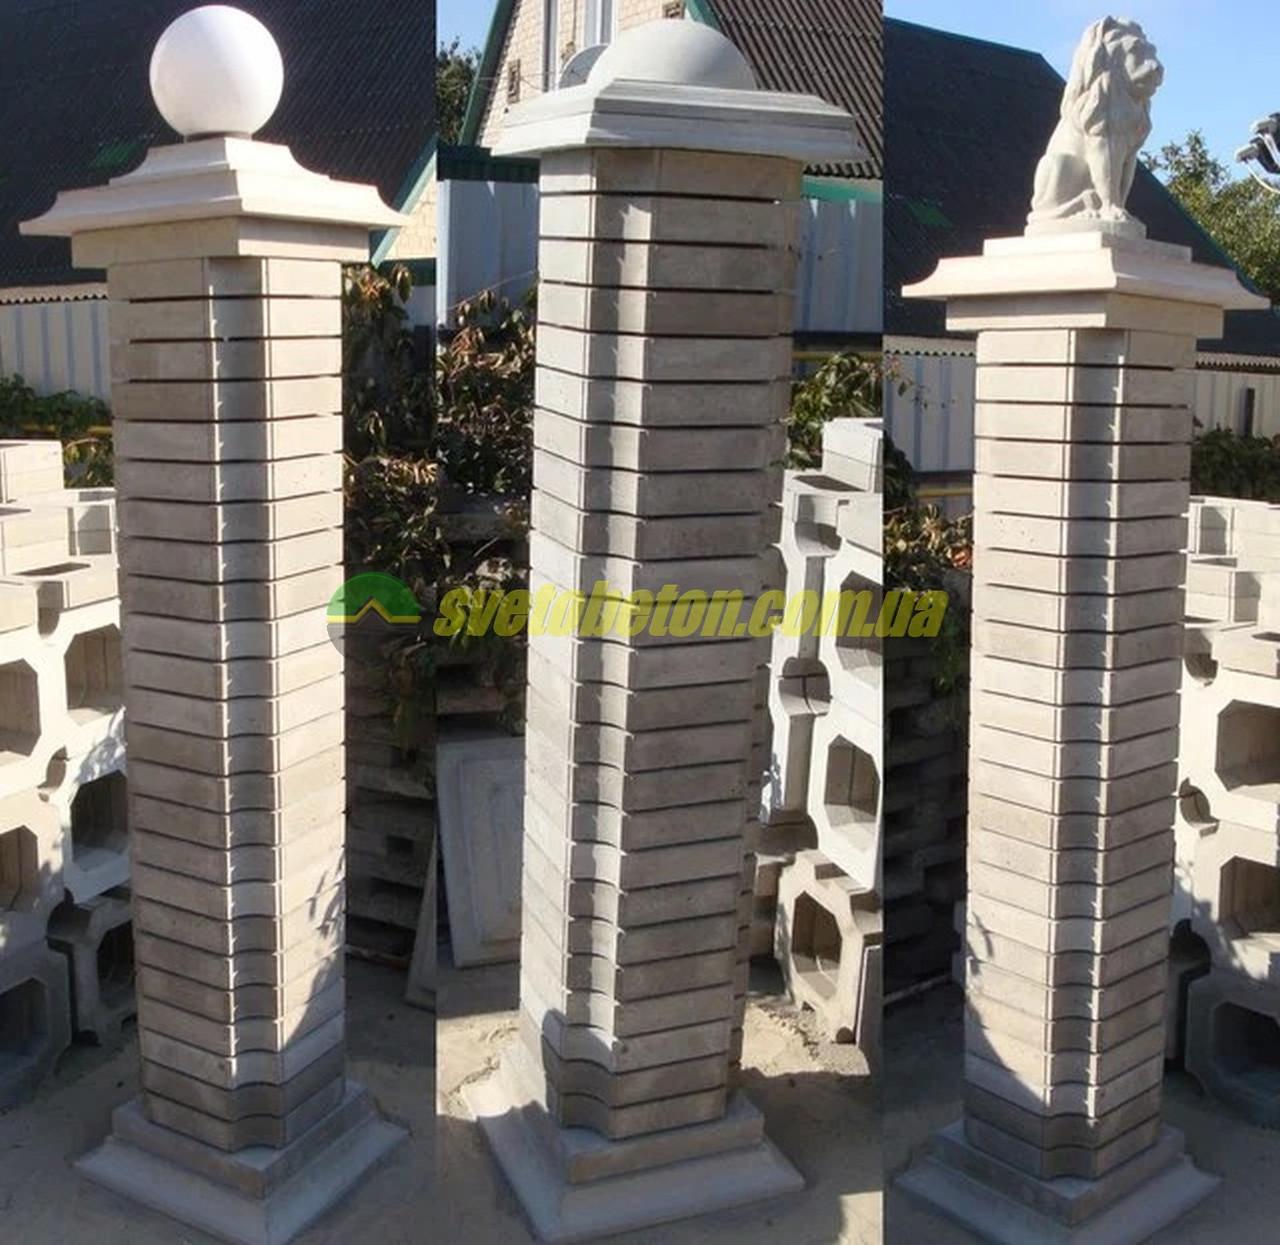 Наборной столб бетонный декоративный элемент блок наборной заменитель кирпича для столба, ускоренная кладка.